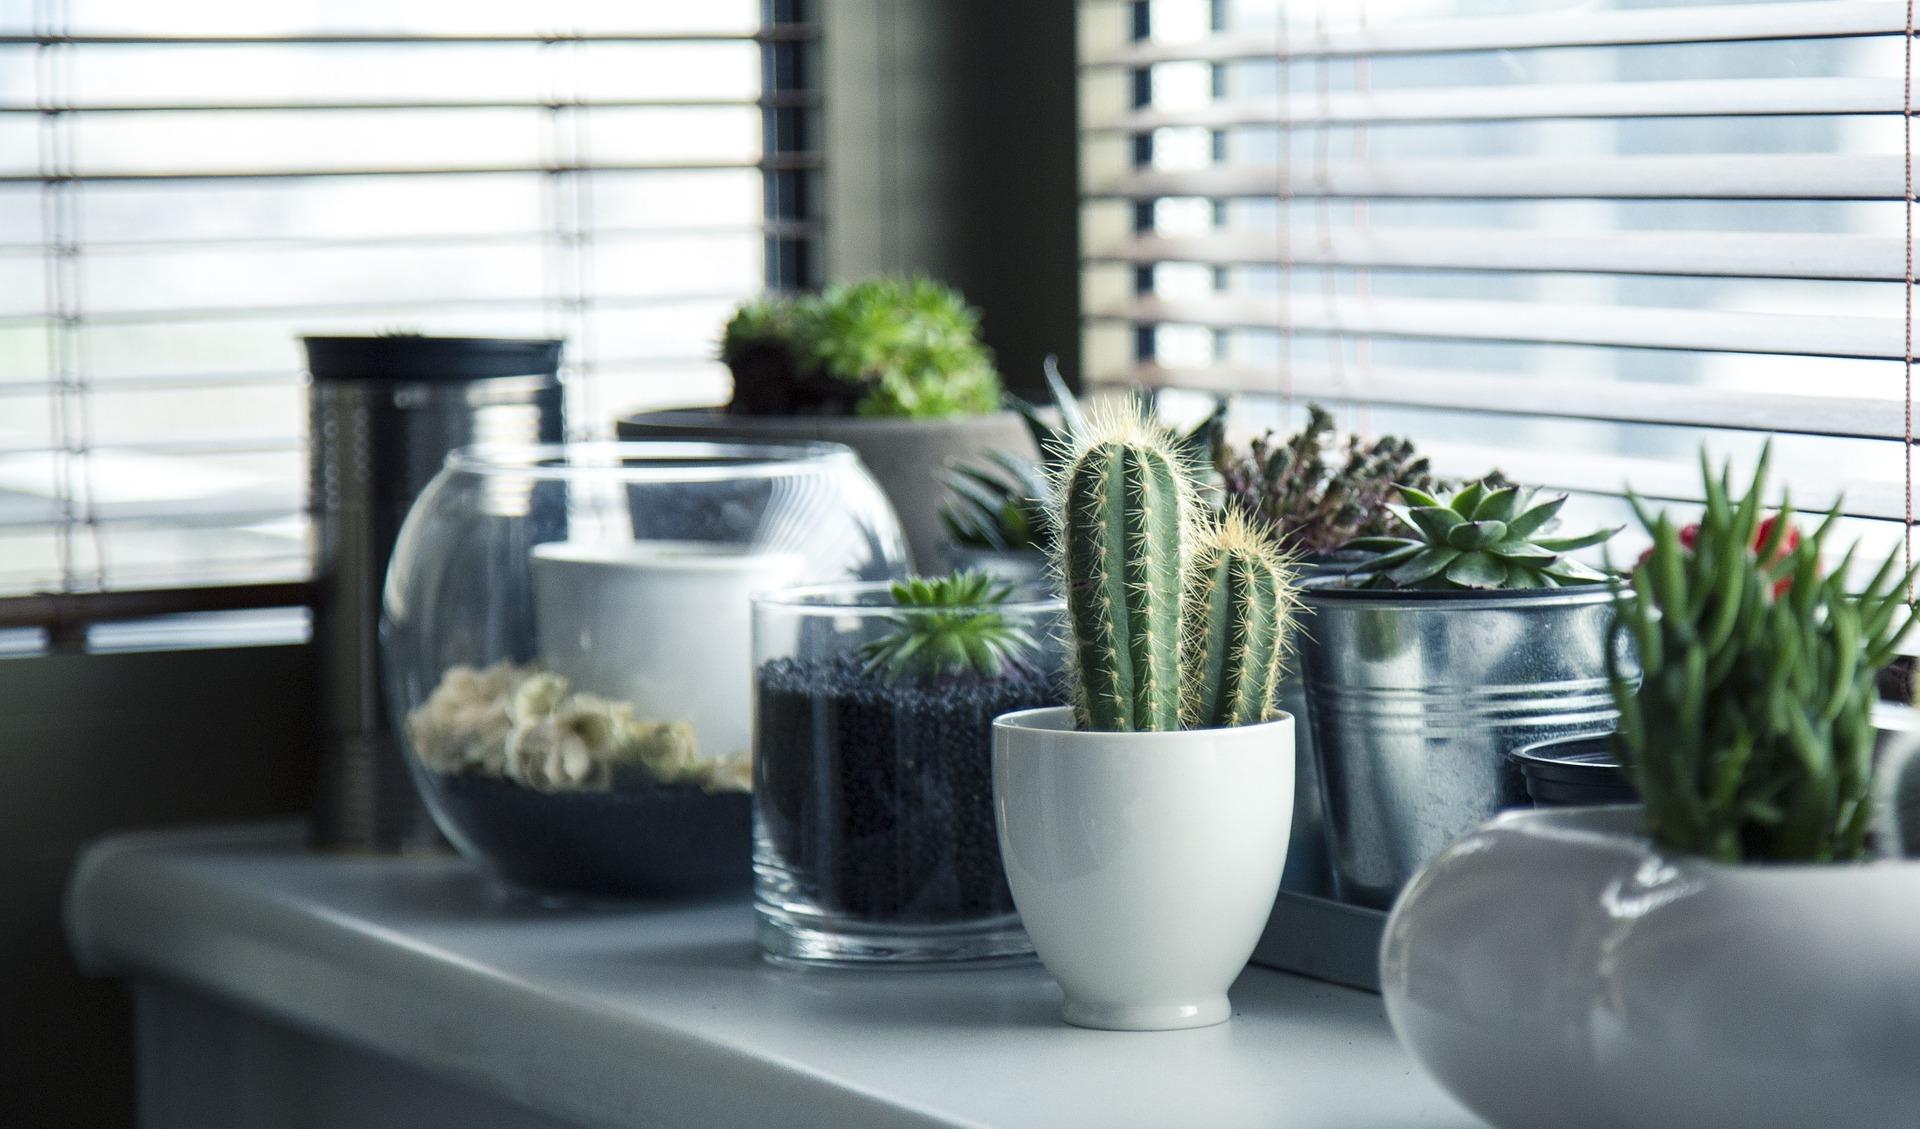 Plantas de interior - Los cactus y las suculentas